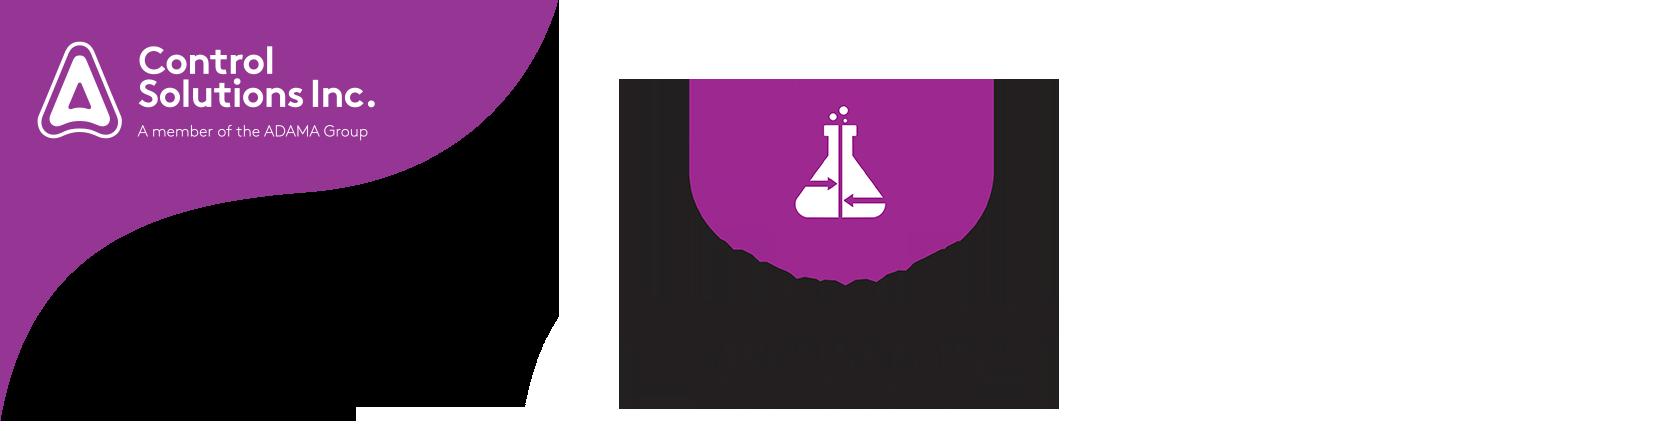 CC-header-new-logo-10 17 18-3